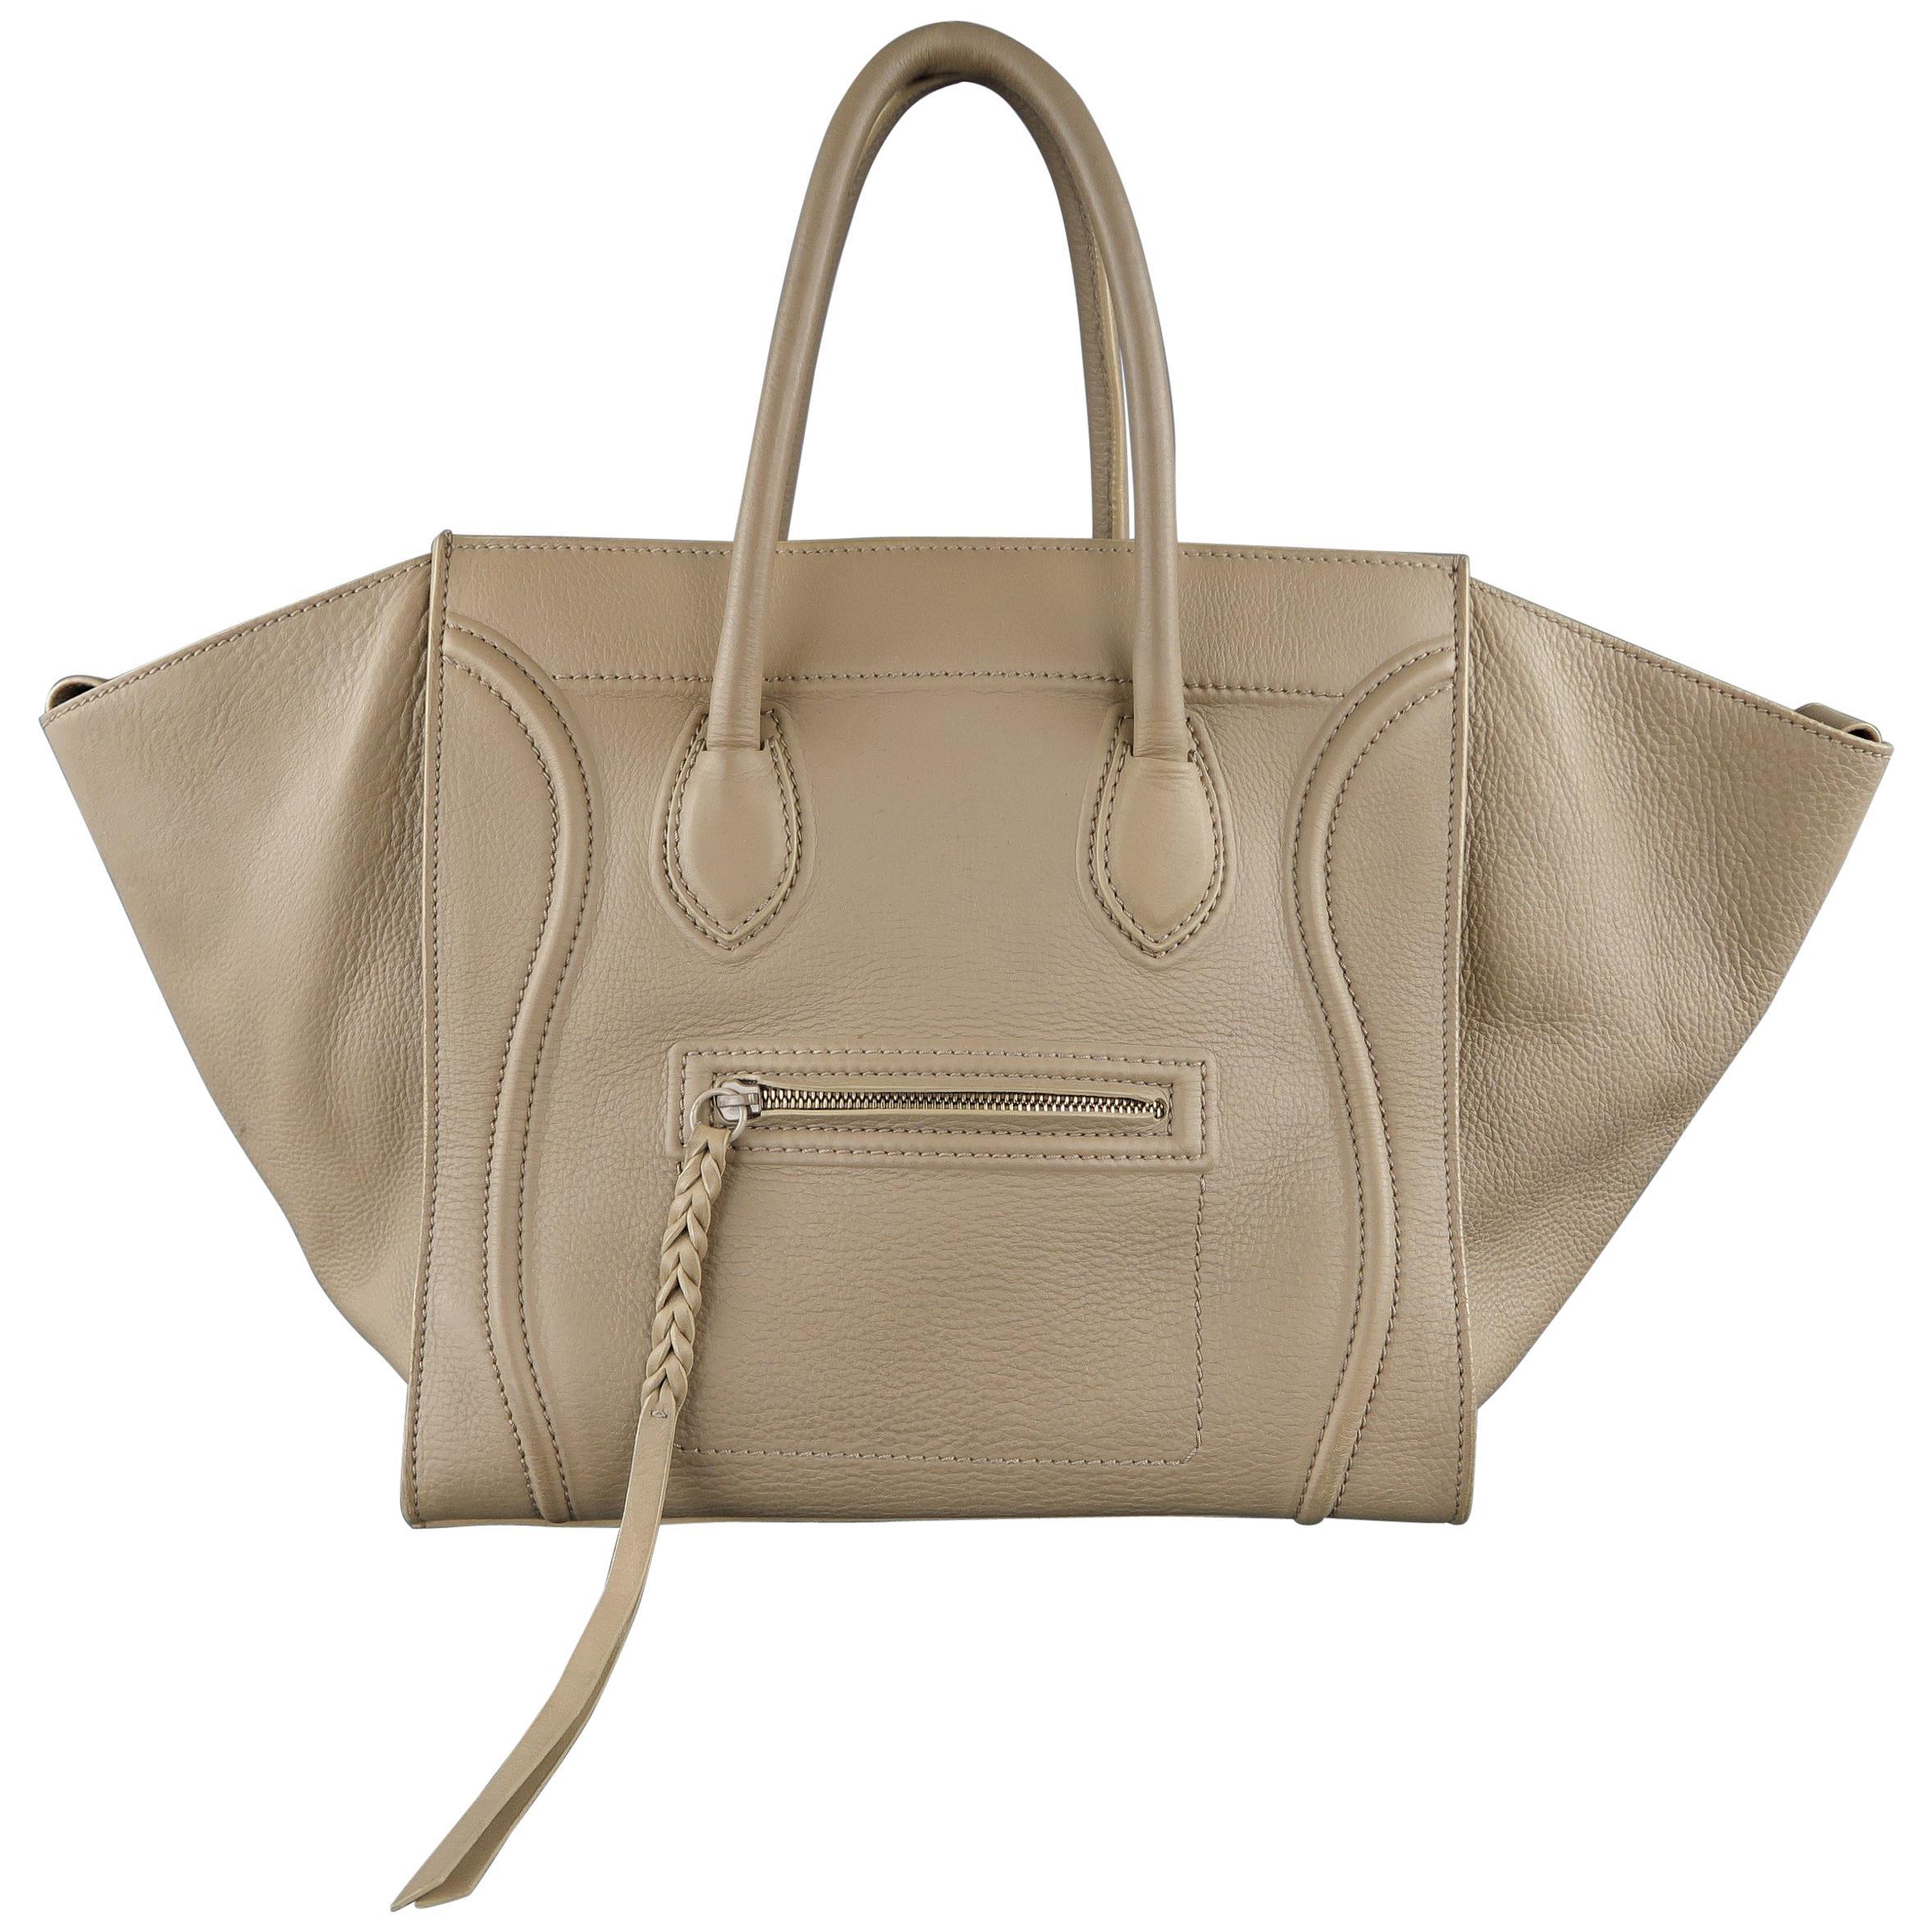 792b74bf1a CELINE Taupe Pebble Grain Leather PHANTOM Medium Tote Handbag at 1stdibs